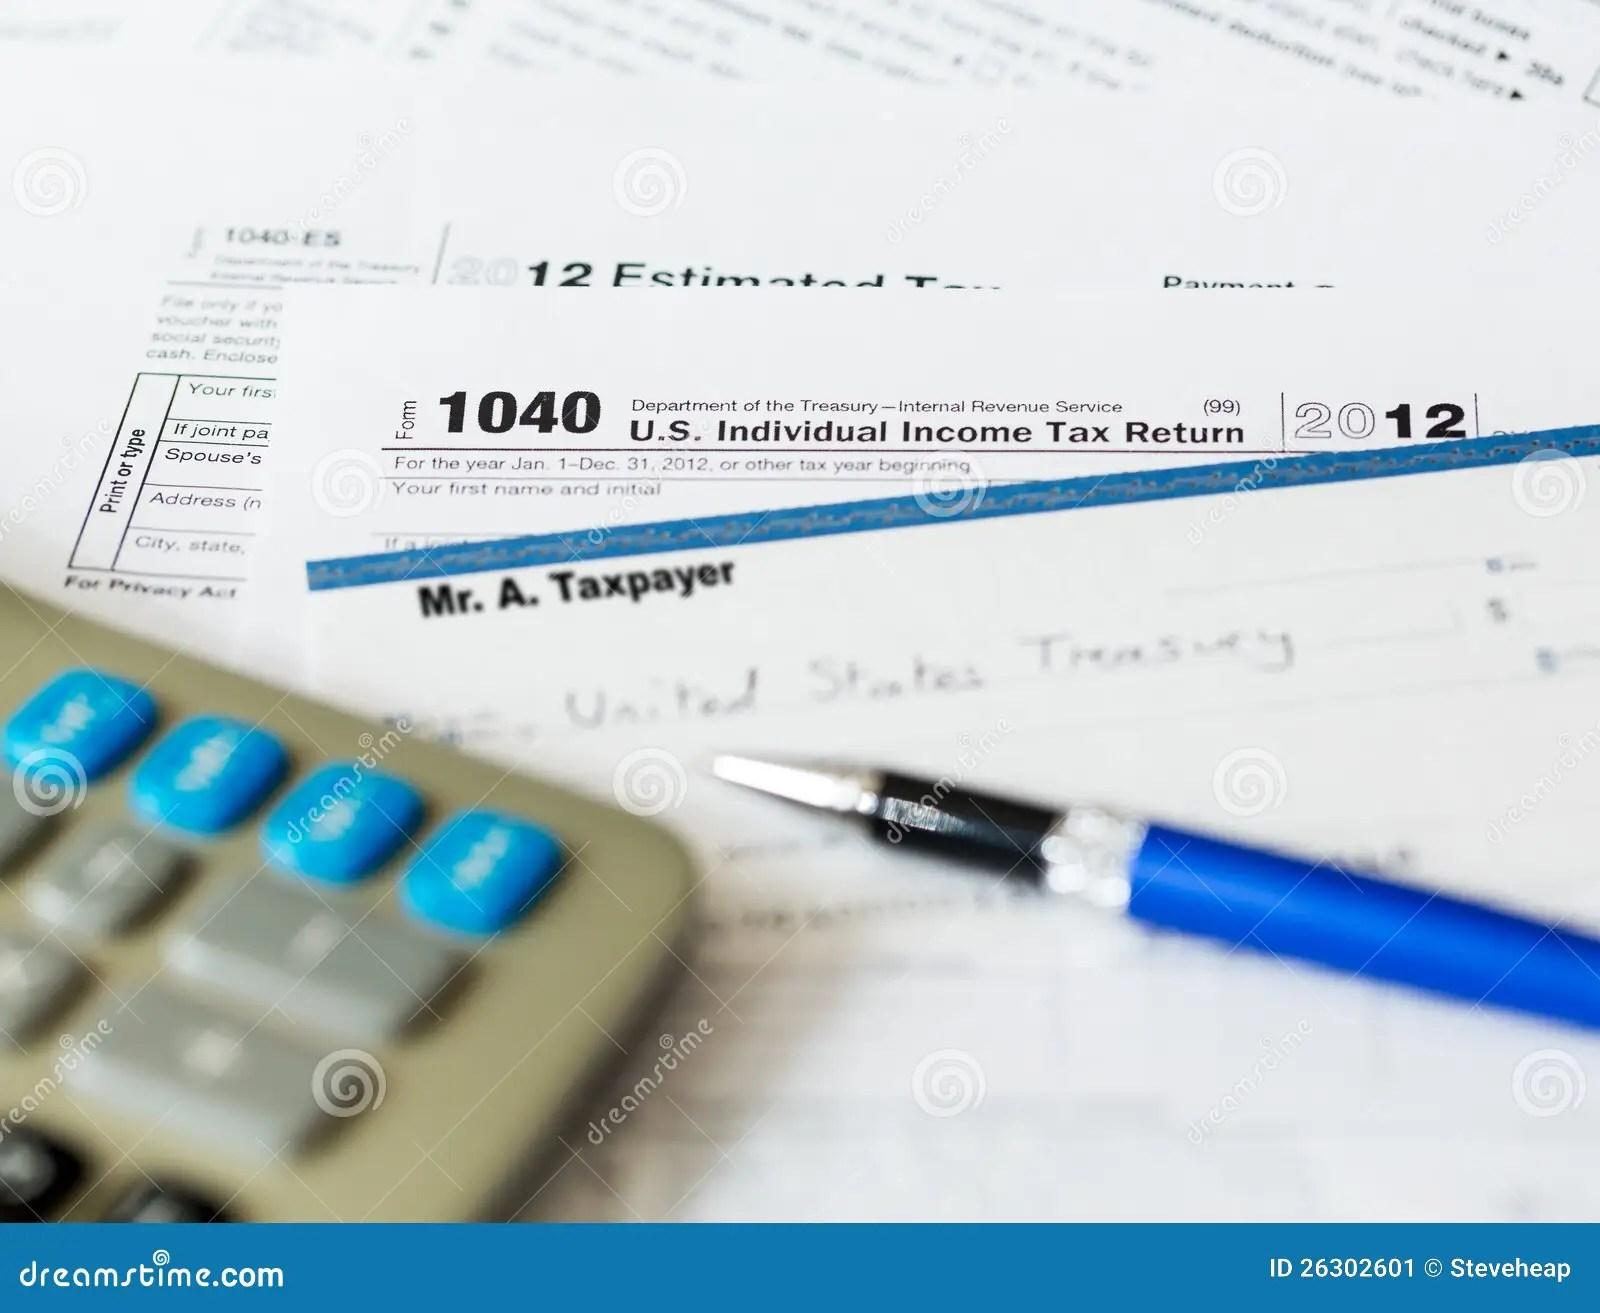 Tax Return Form 1040 2012